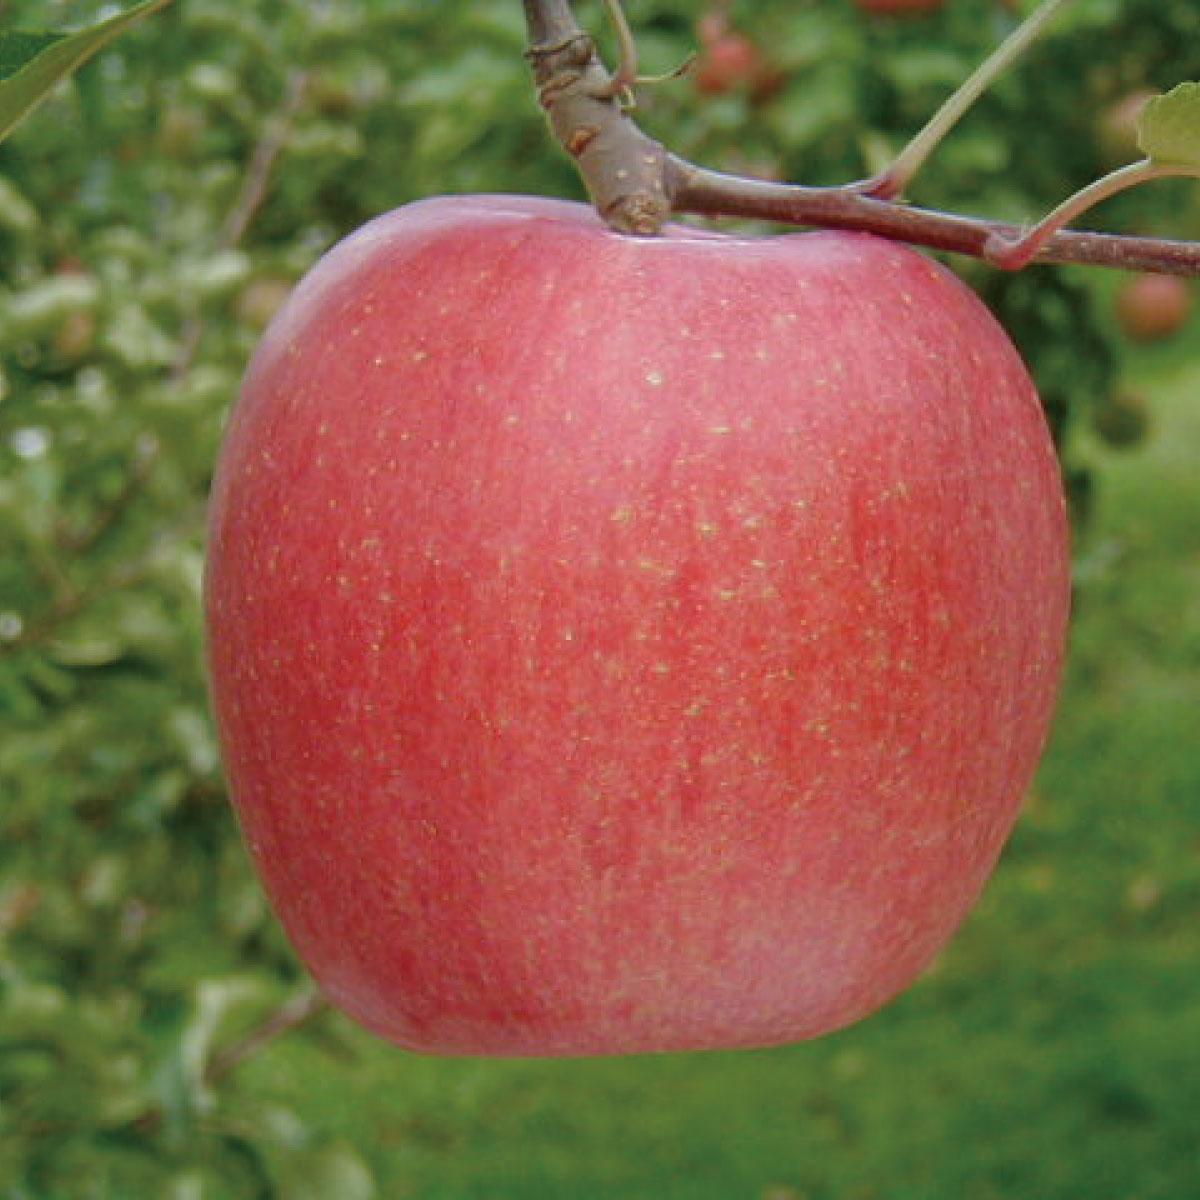 【ふるさと納税】≪12月初旬頃より発送≫りんご(サンふじ)約5kg《村石果樹園》【果物・フルーツ・林檎・りんご・リンゴ】